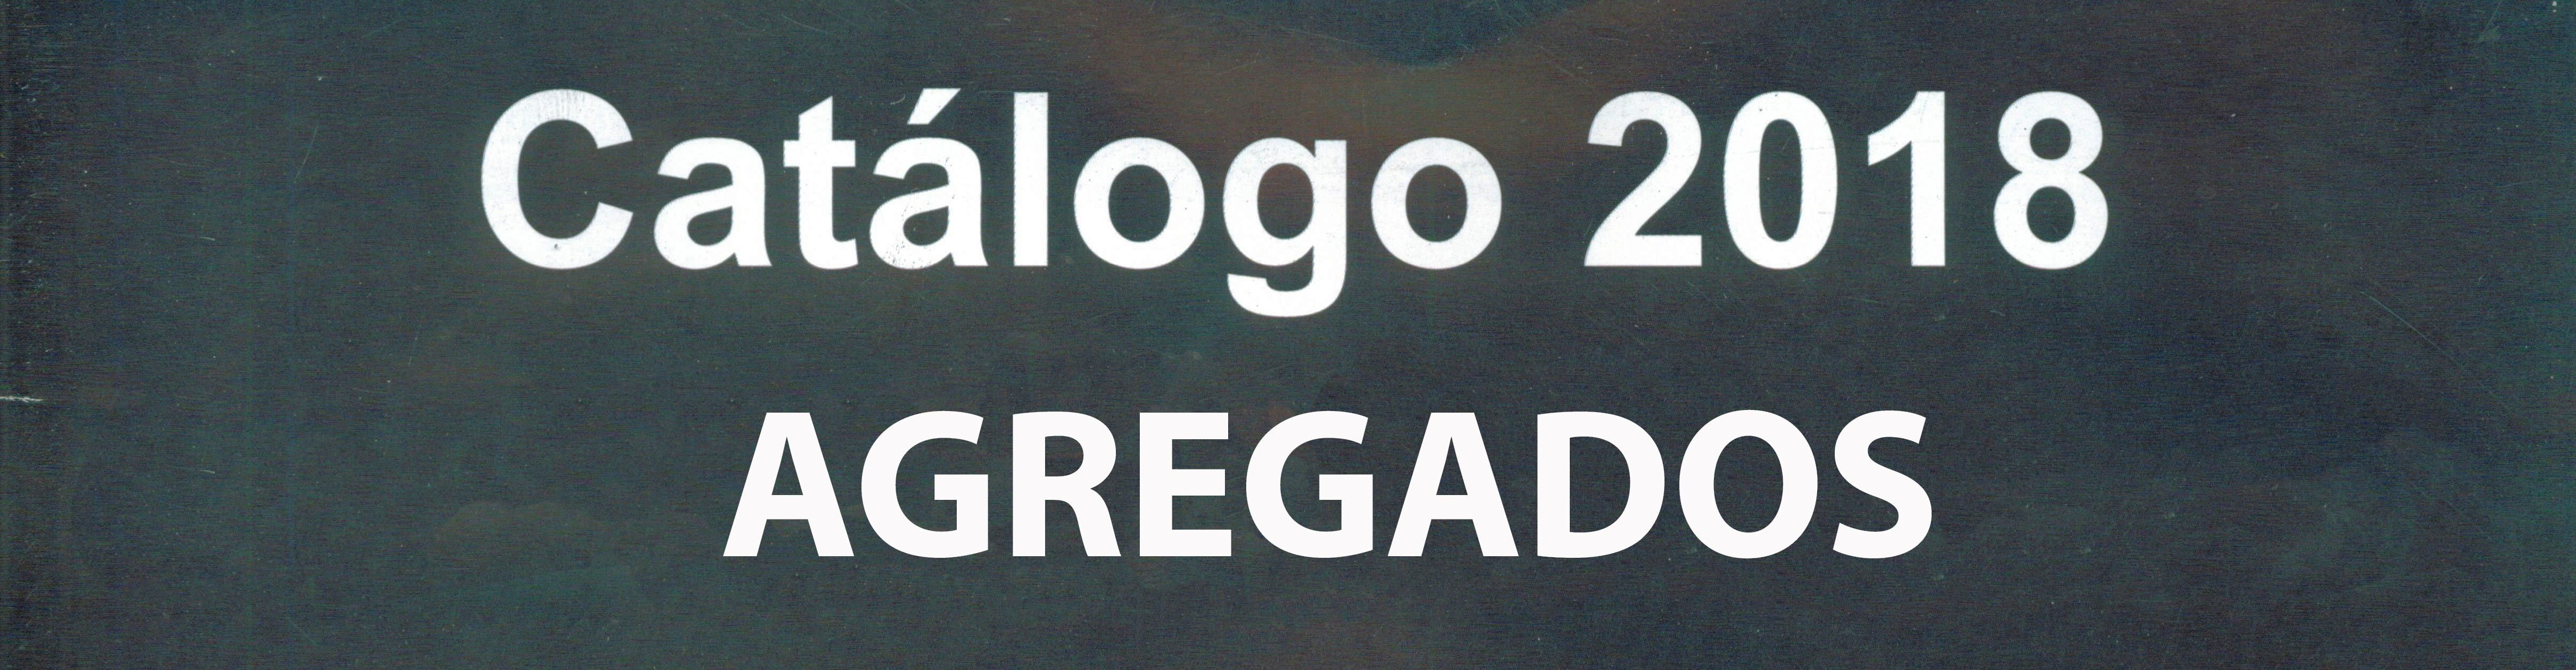 AGREGADOS CATALOGO 2018 (MAYO 2021)